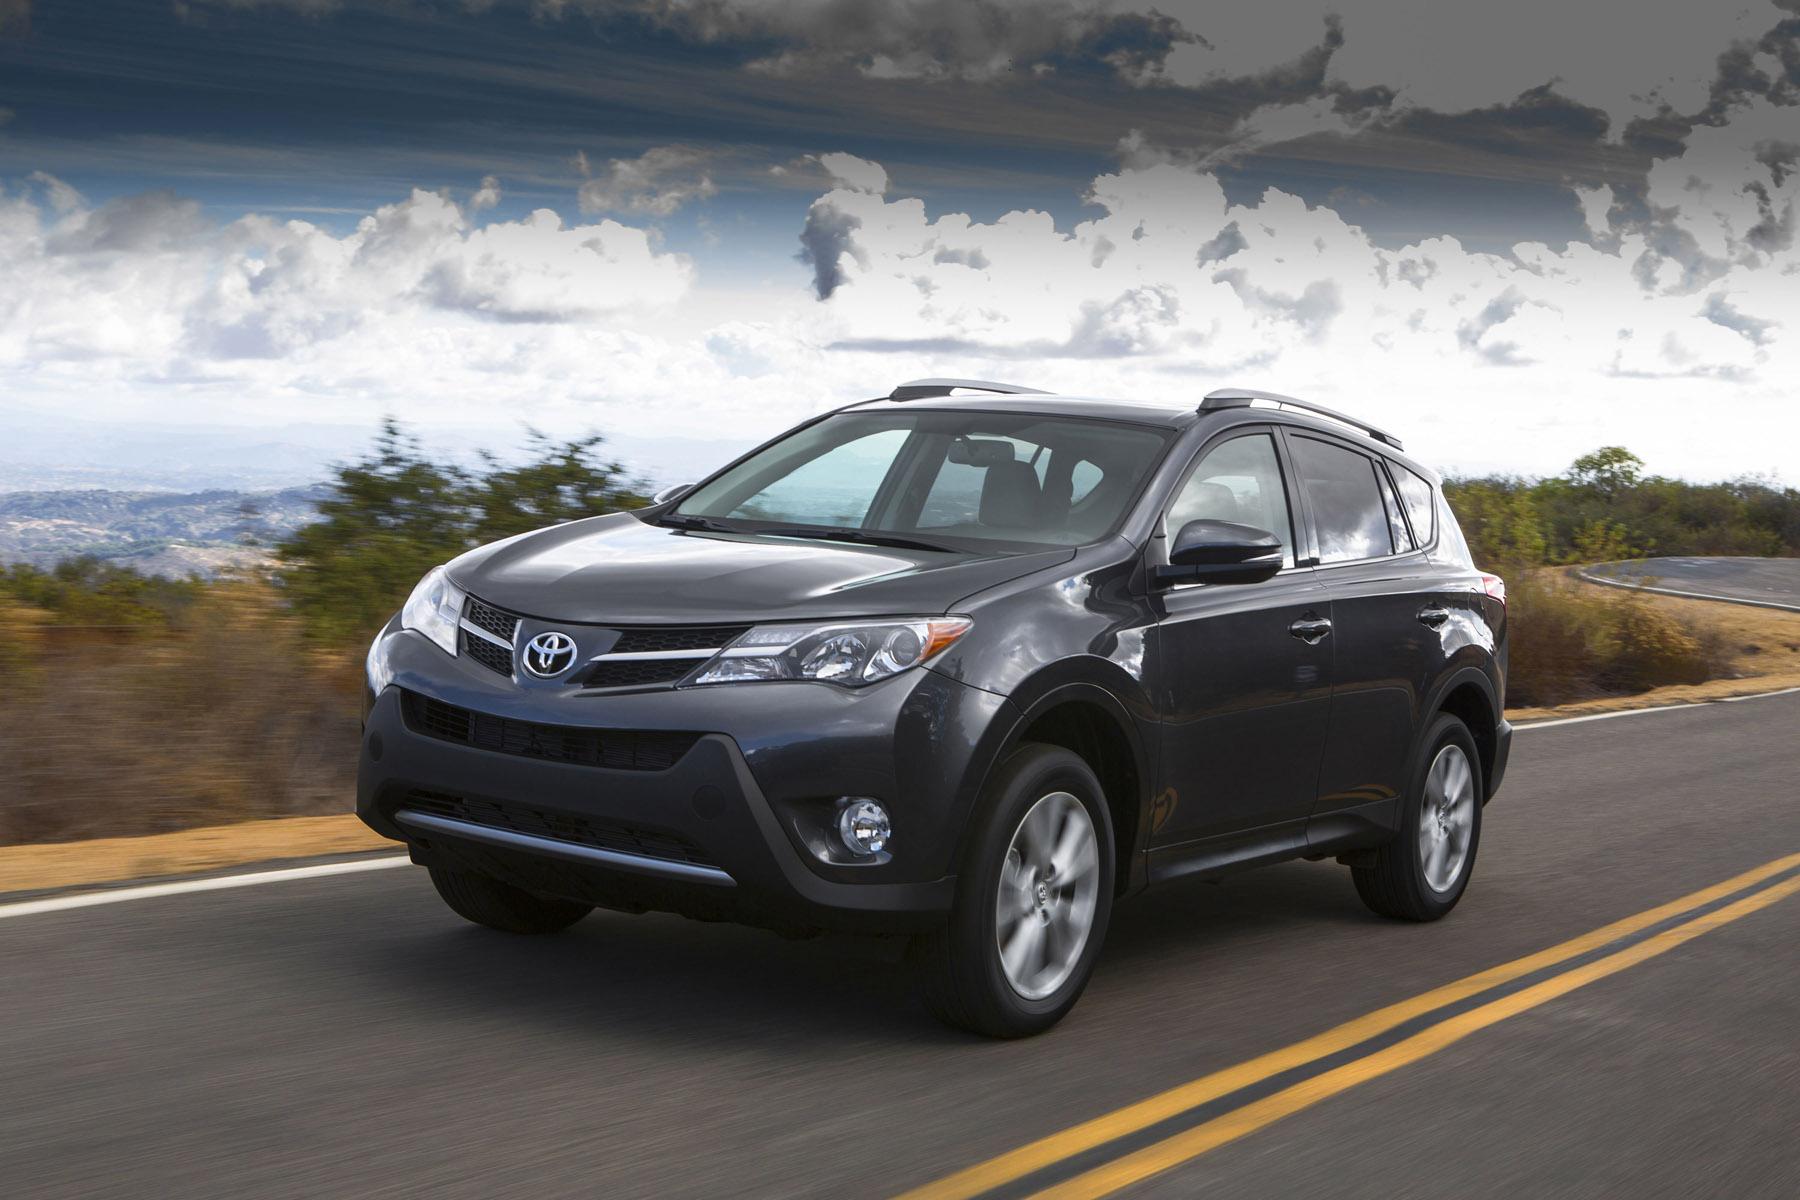 All New Toyota Rav4 Evolves For Consumer Demands New On Wheels